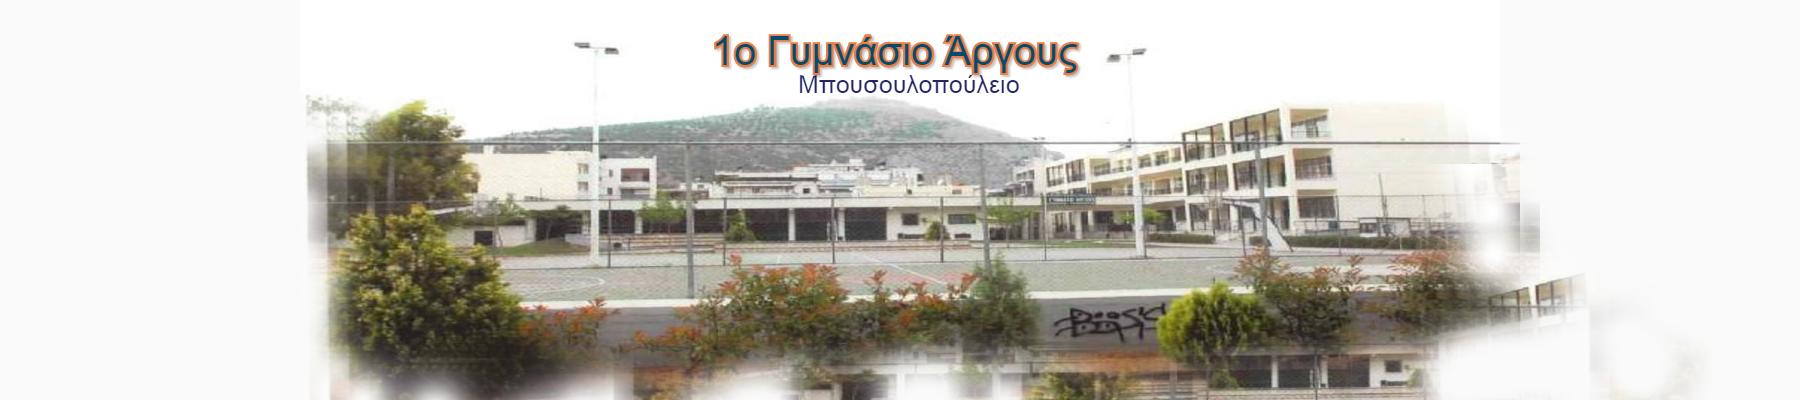 1ο Γυμνάσιο Άργους - Μπουσουλοπούλειο